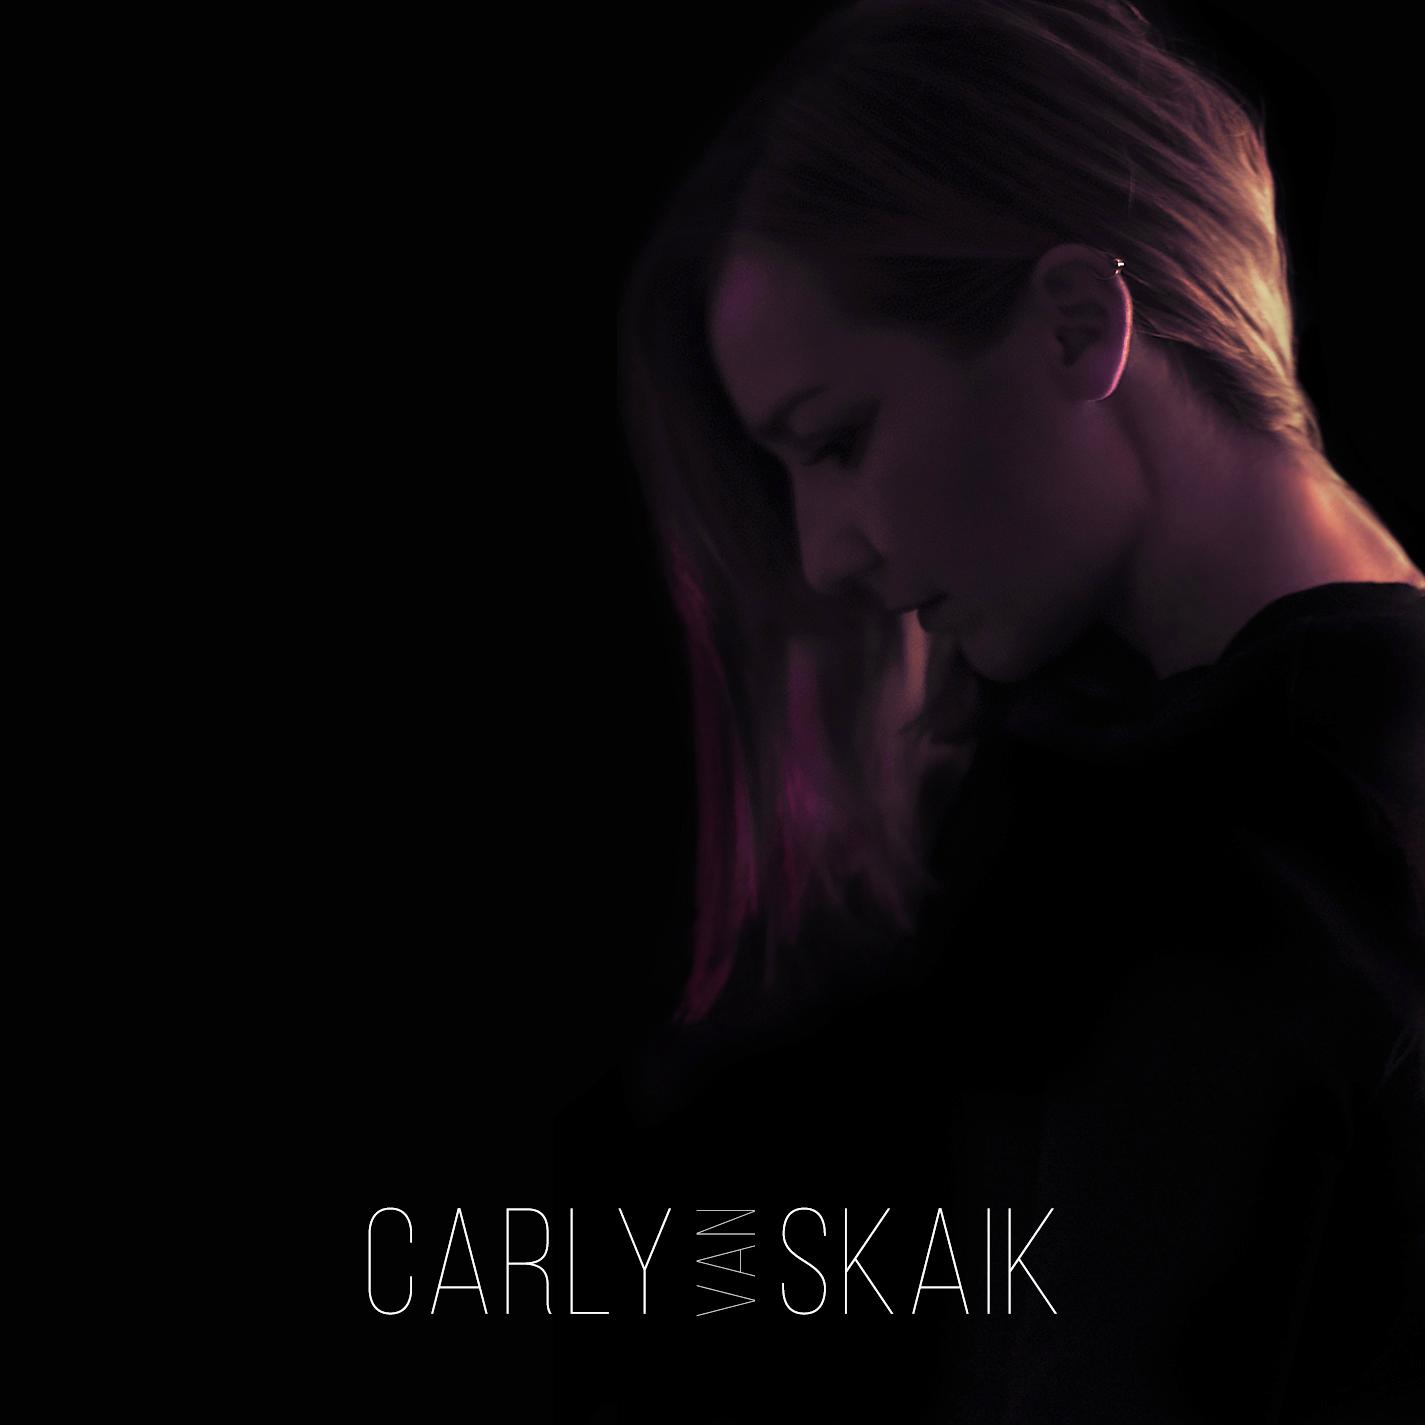 Carly Van Skaik – Carly Van Skaik